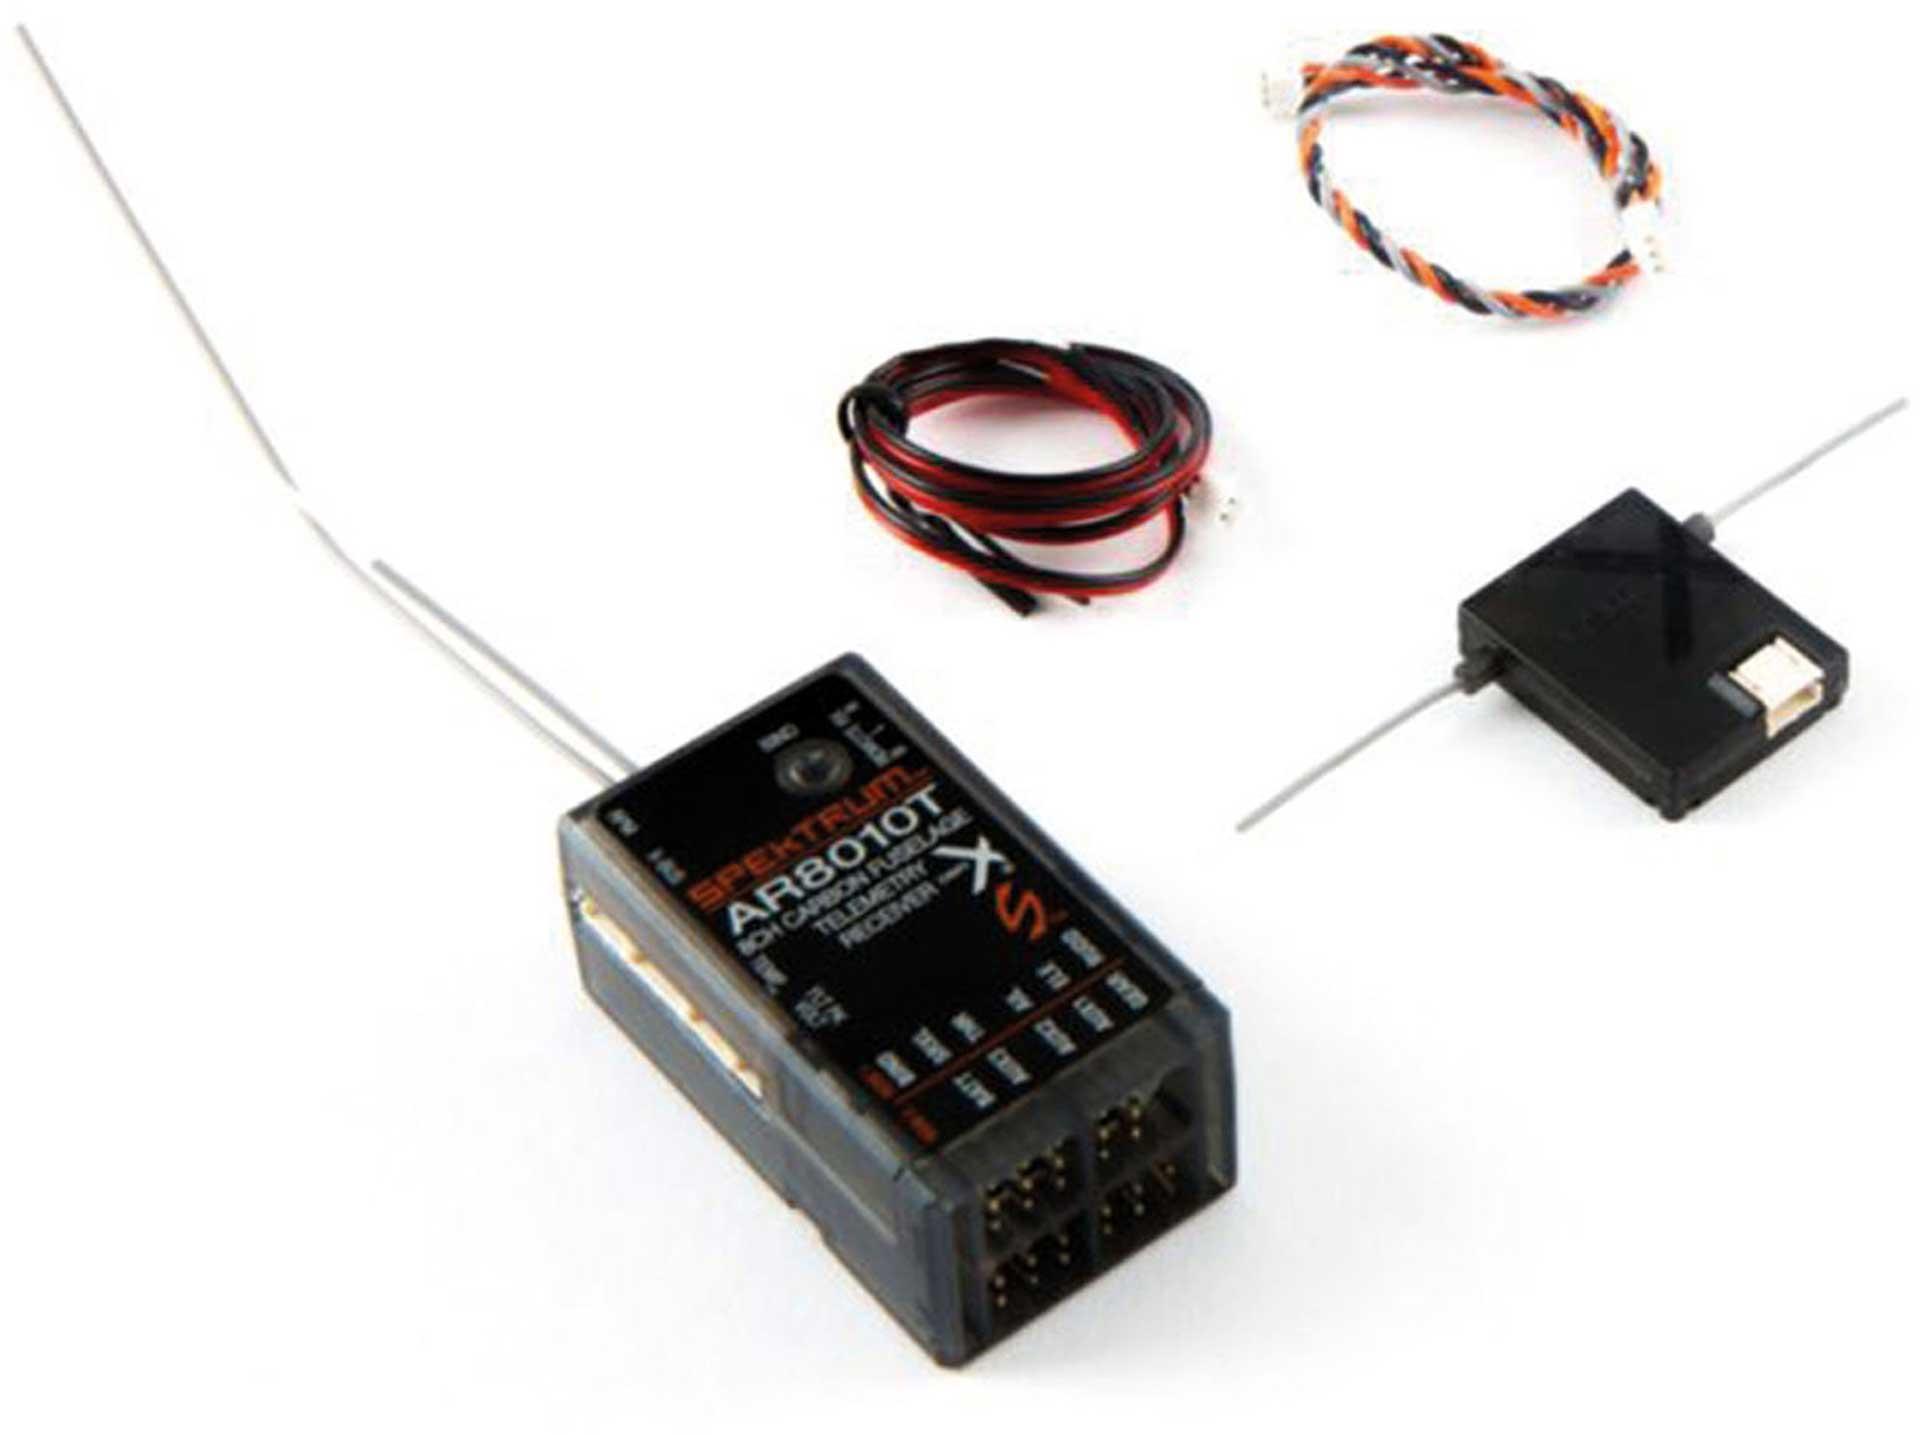 SPEKTRUM AR8010T RECEIVER DSM-X/DSM2 TELEMETRY WITH 1 SATELLITE RECEIVER